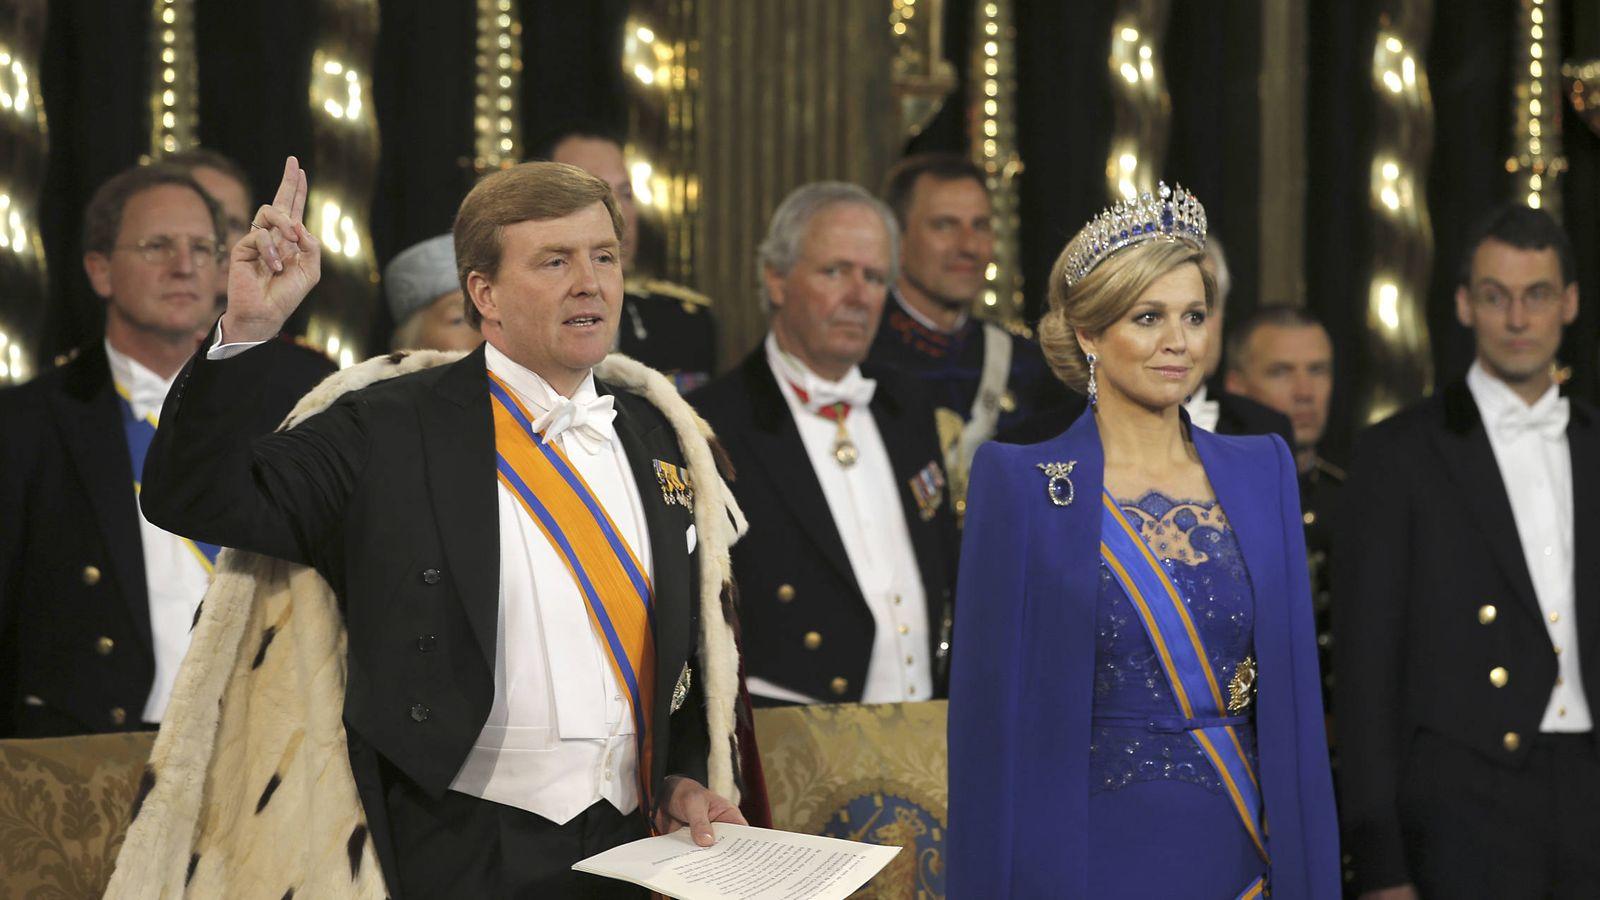 Foto: El rey de Holanda durante su investidura. (Gtres)